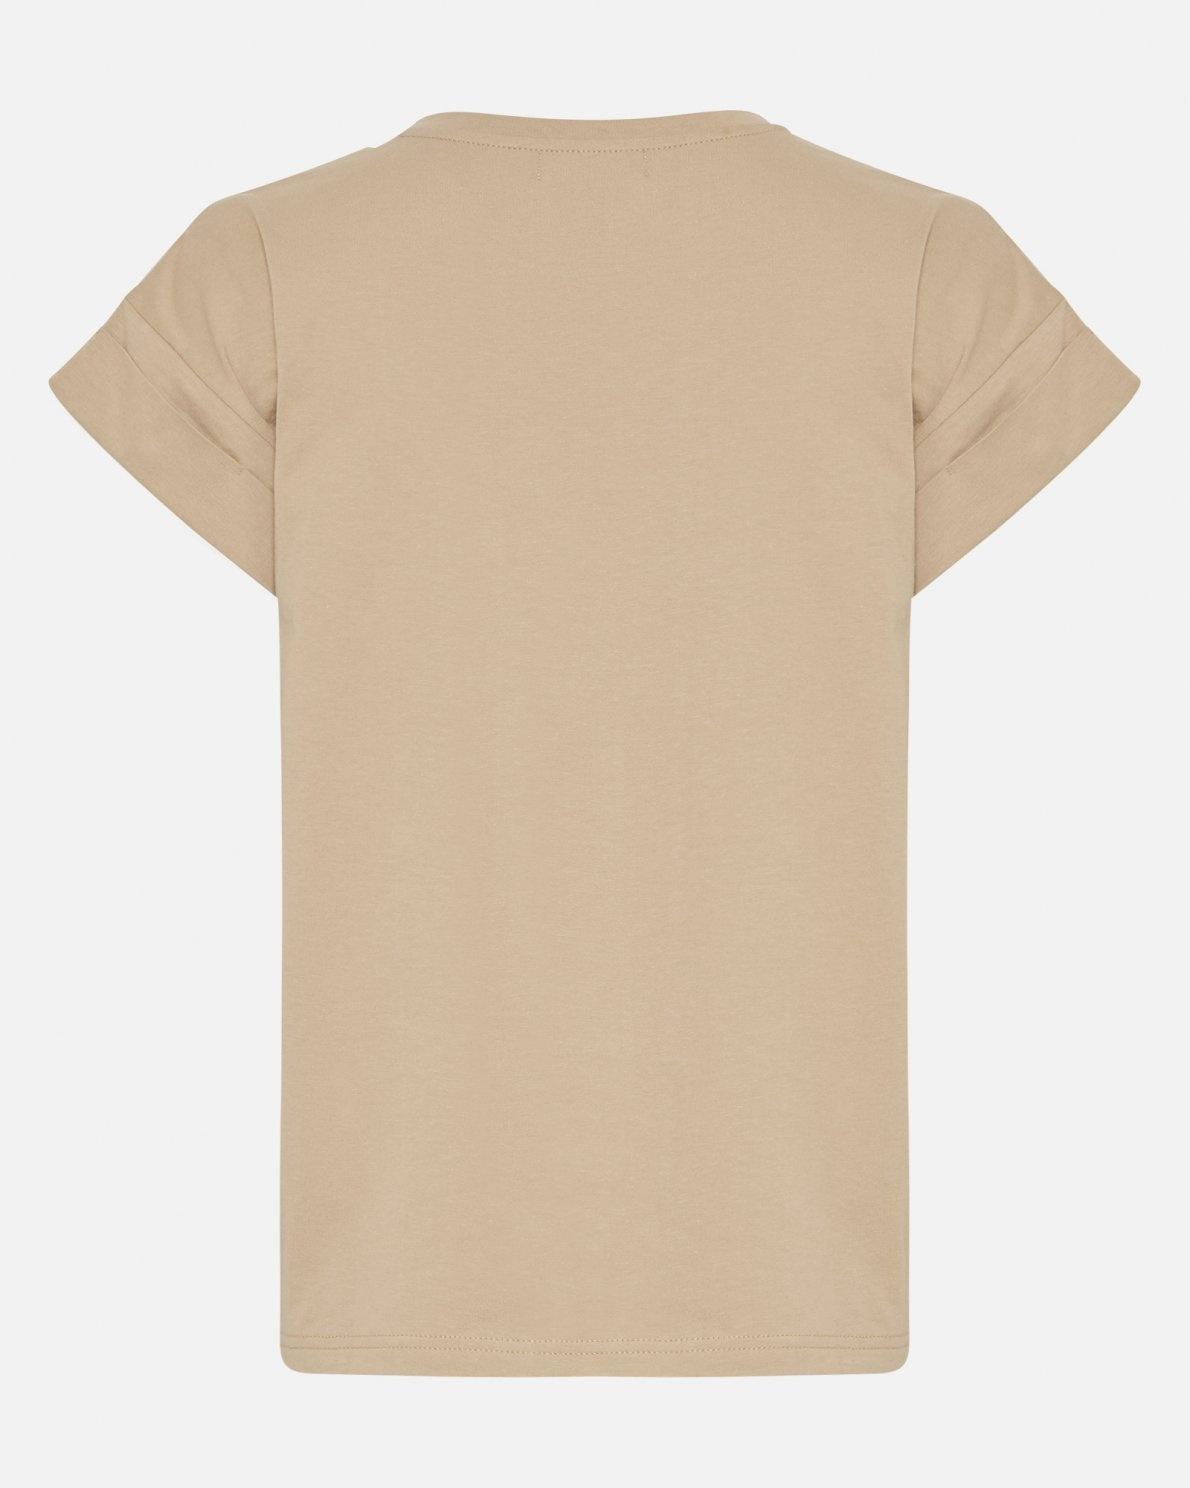 Alva T-shirt White Pepper-3